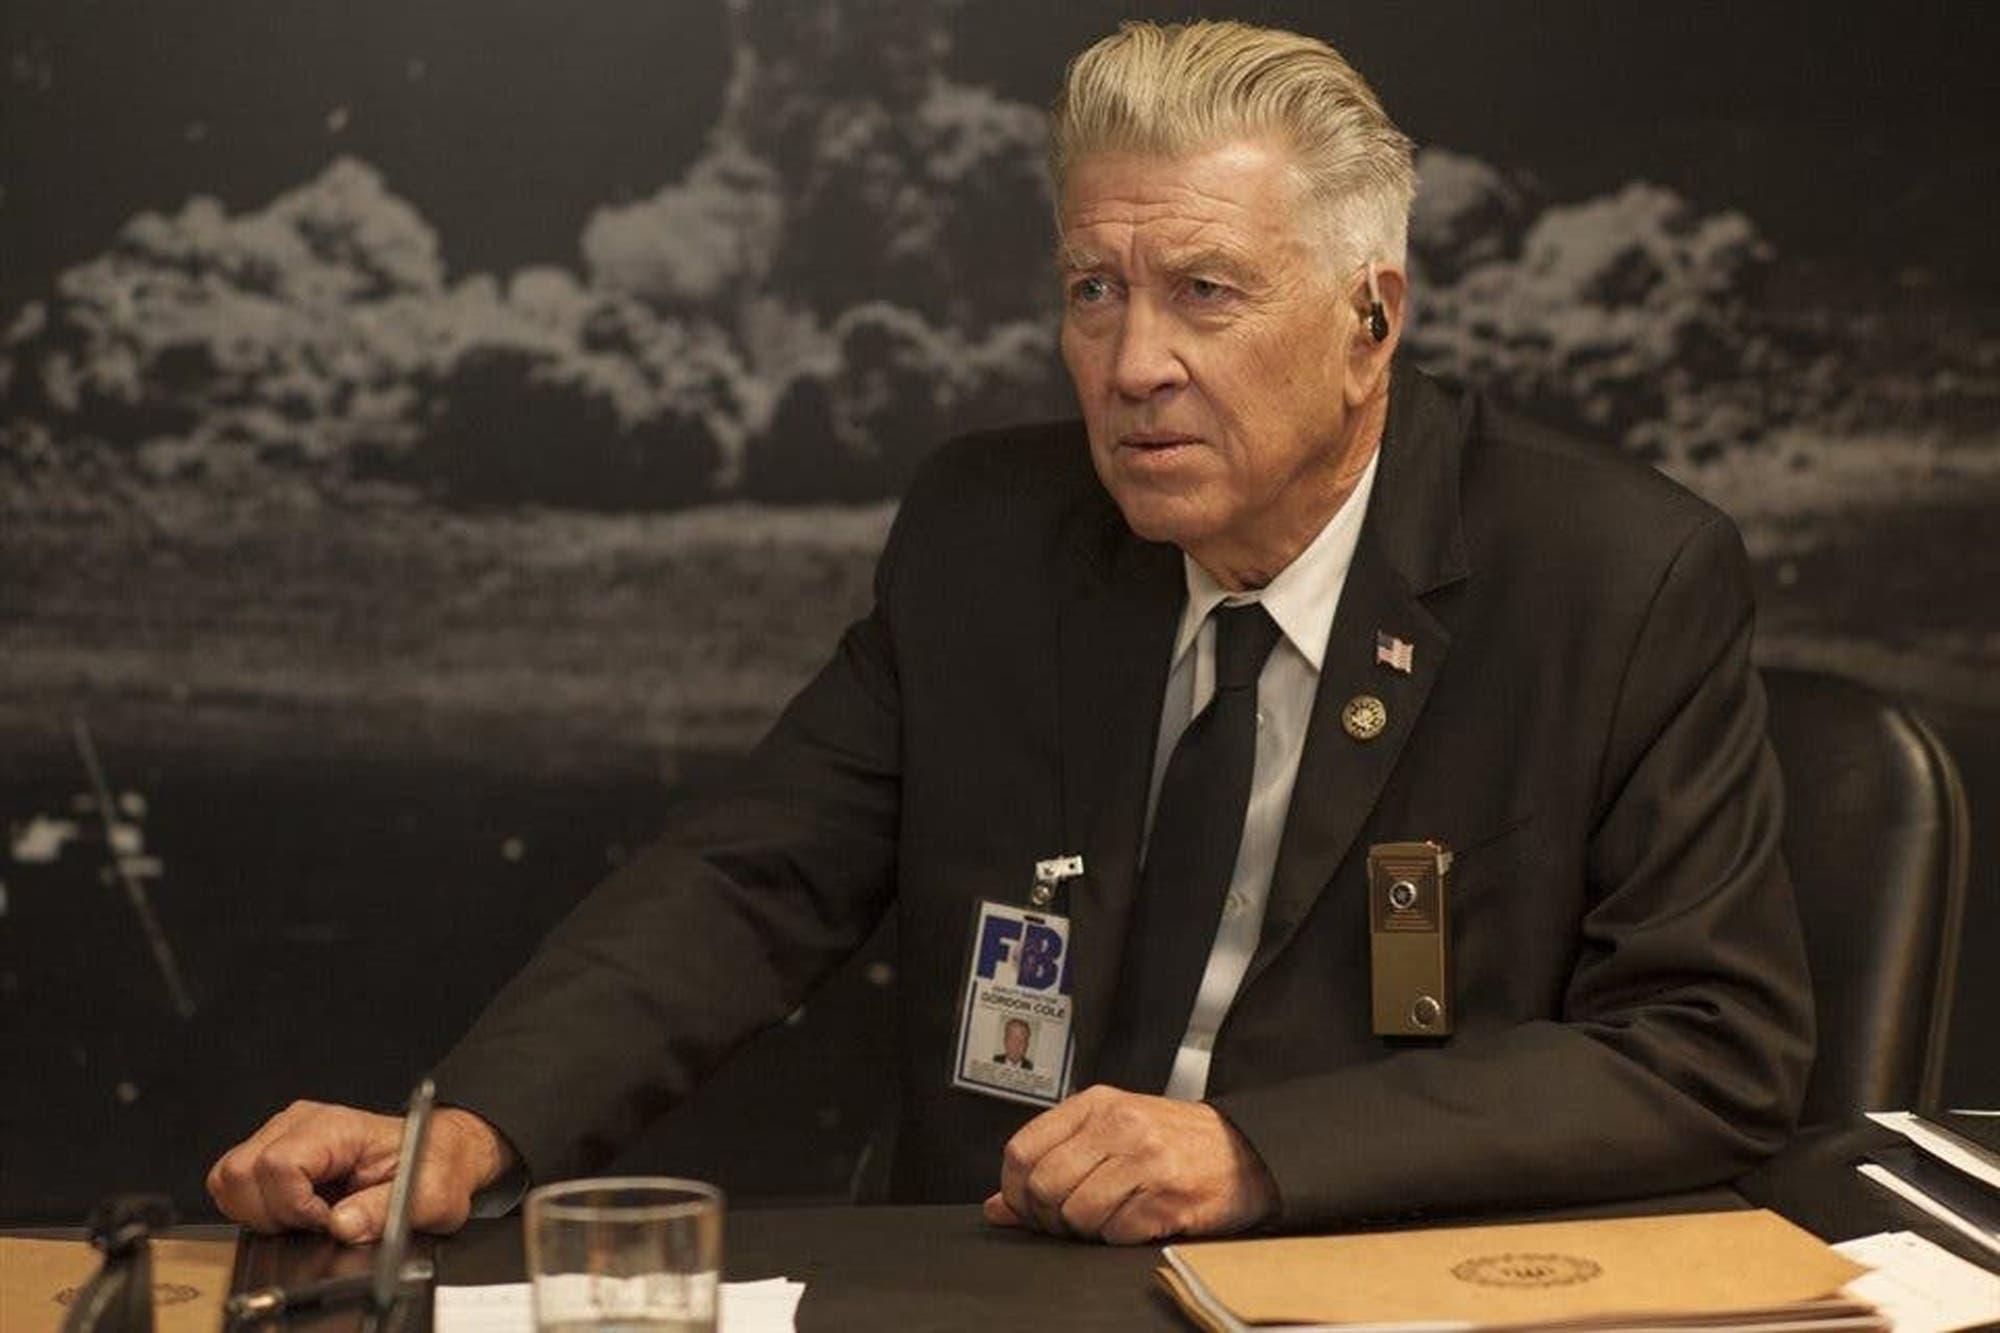 Cahiers du Cinéma eligió a Twin Peaks como el mejor film de la década y ya hay polémica